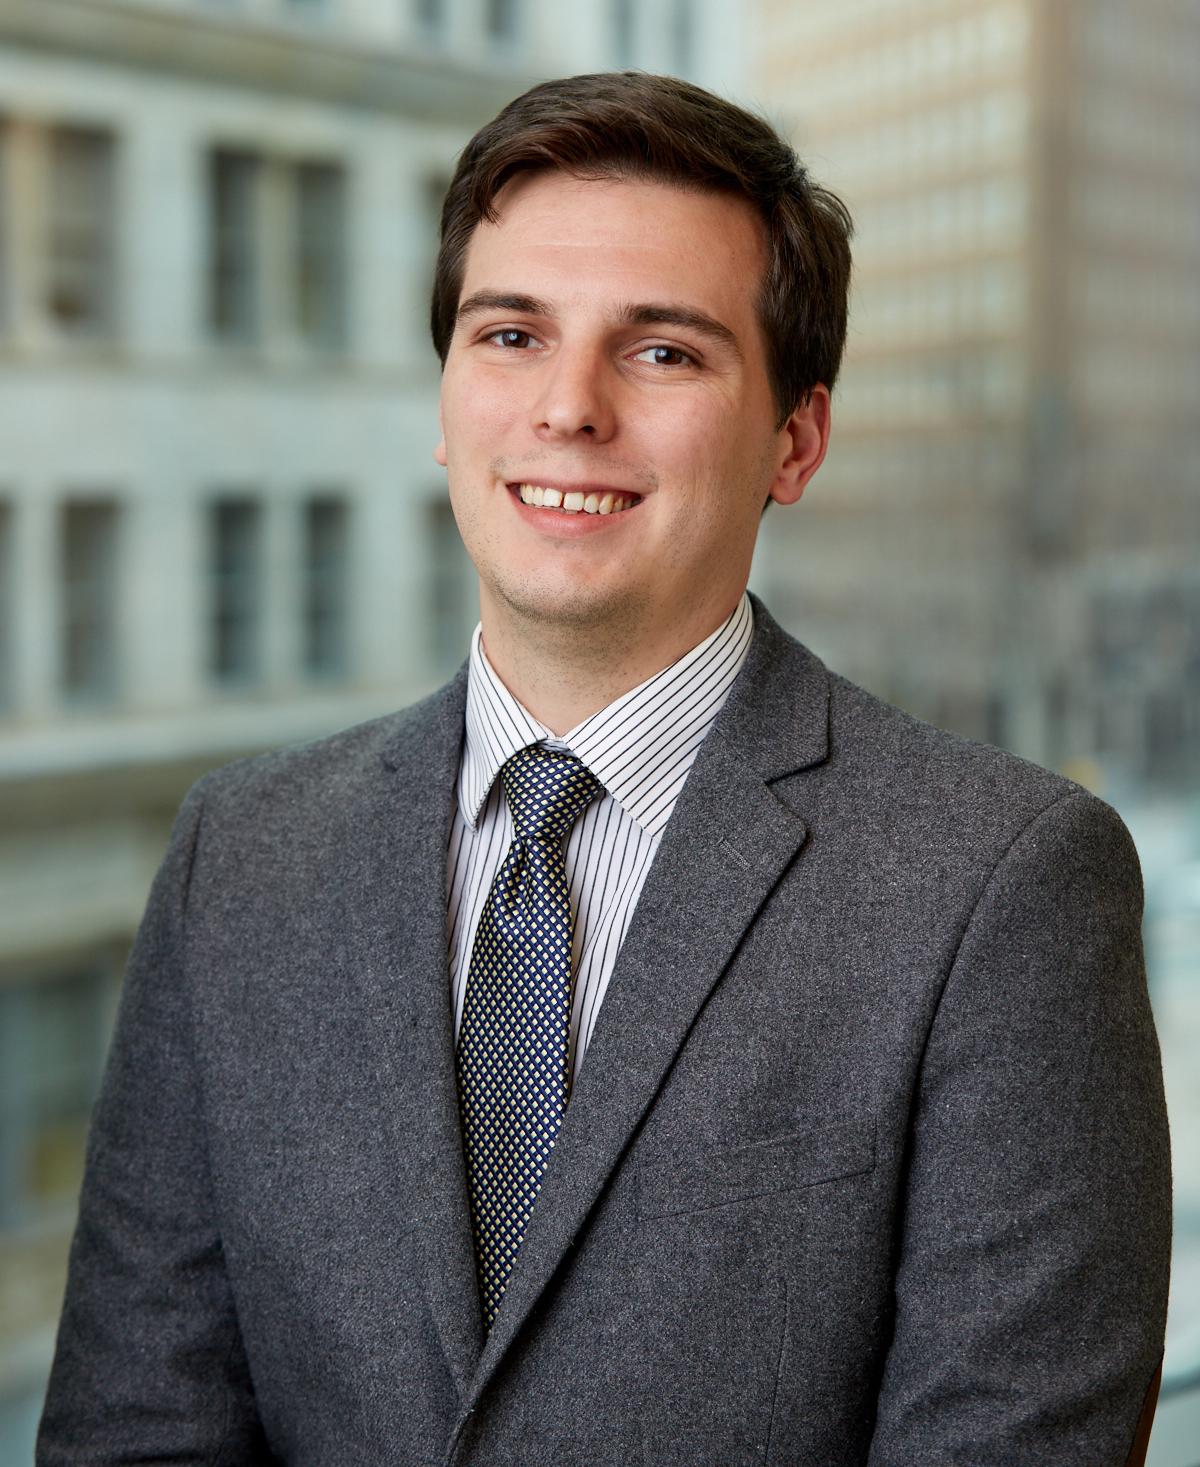 Photo of William J. Diehl